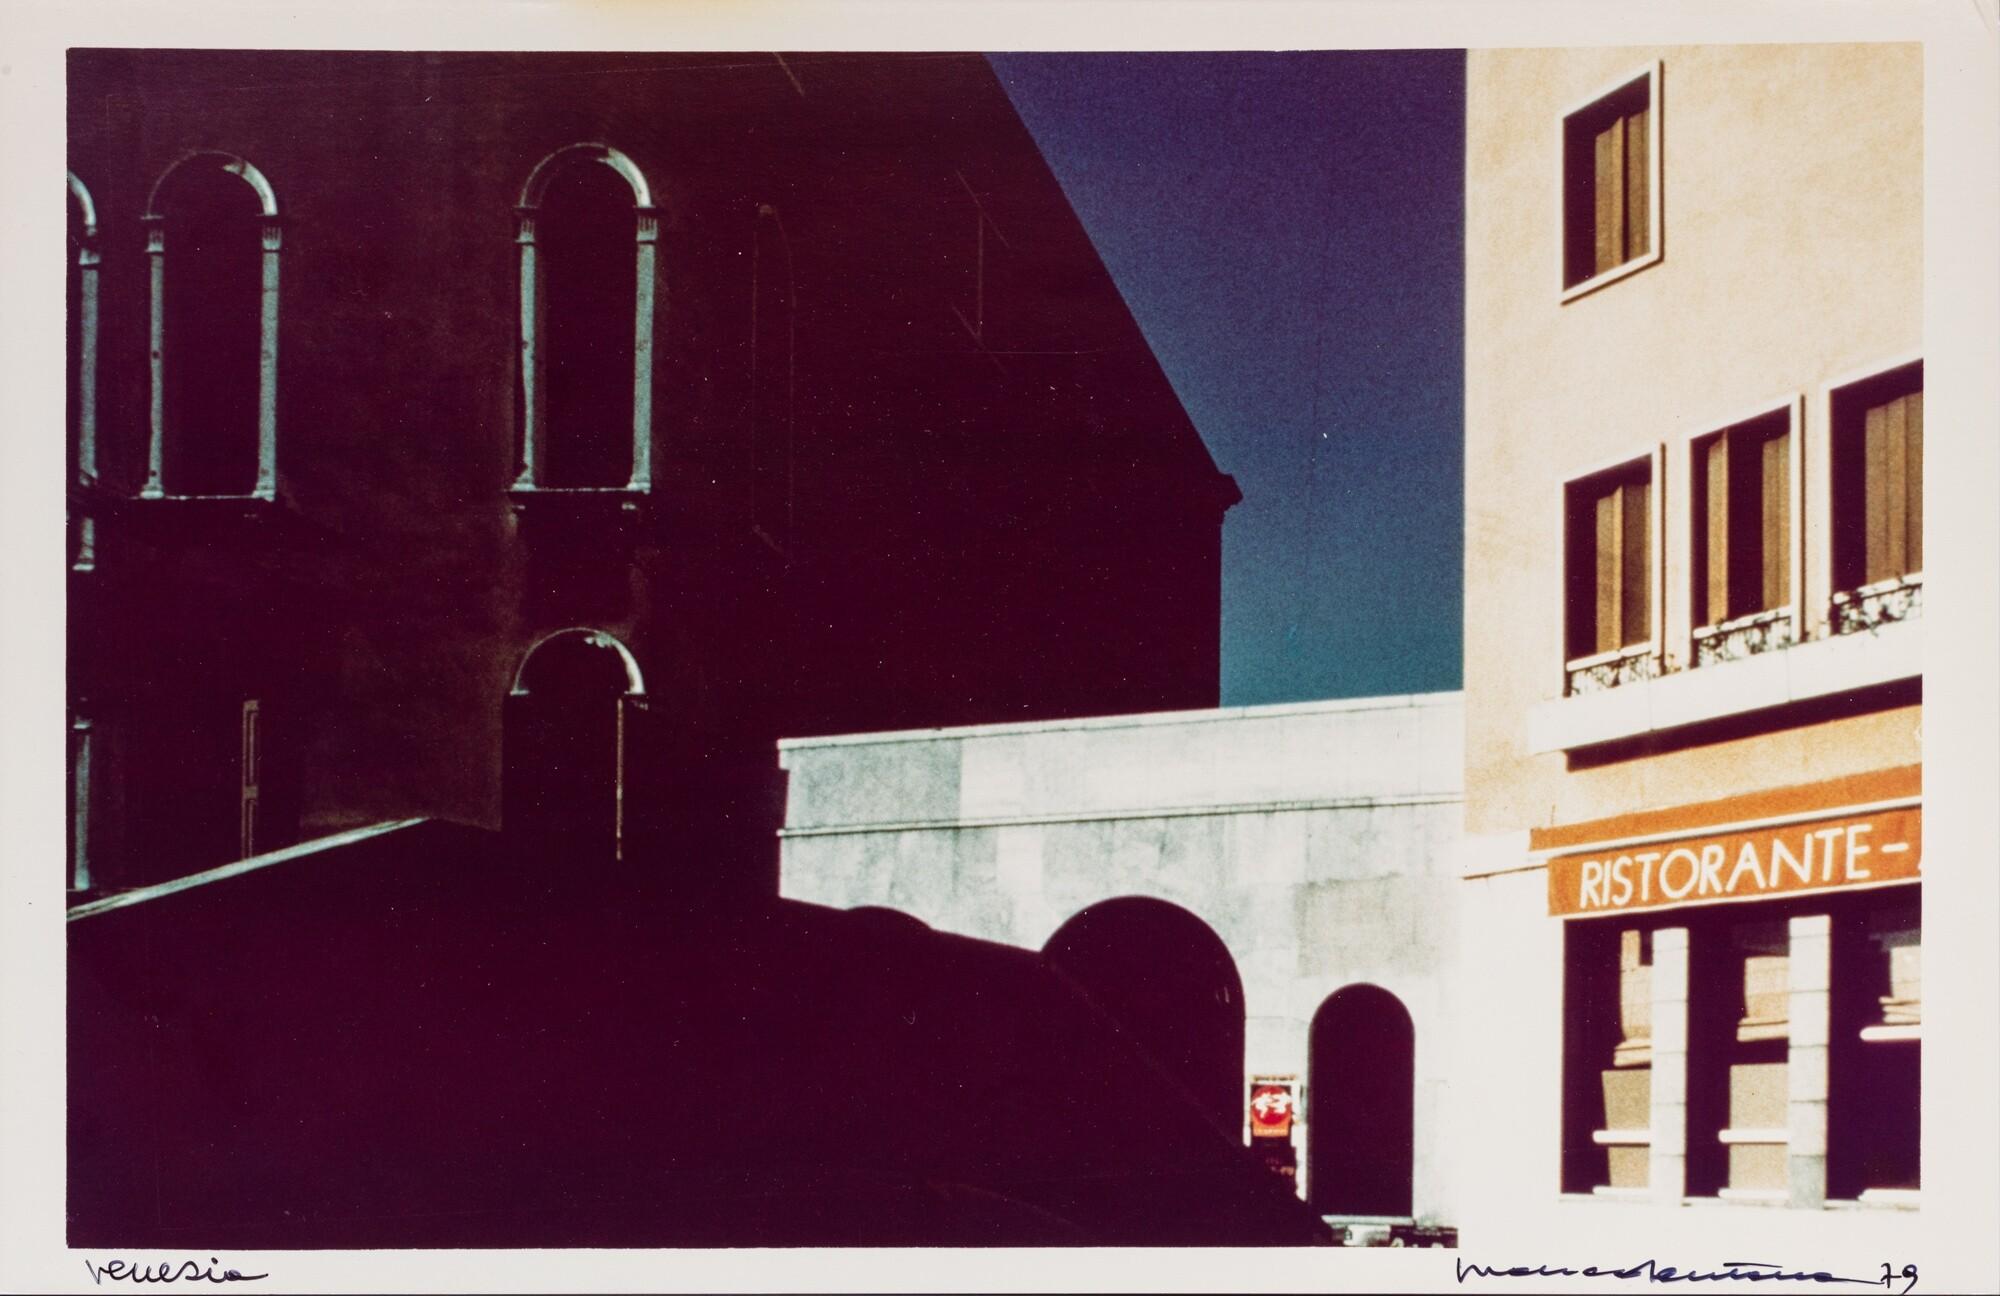 Венеция, 1979. Фотограф Франко Фонтана